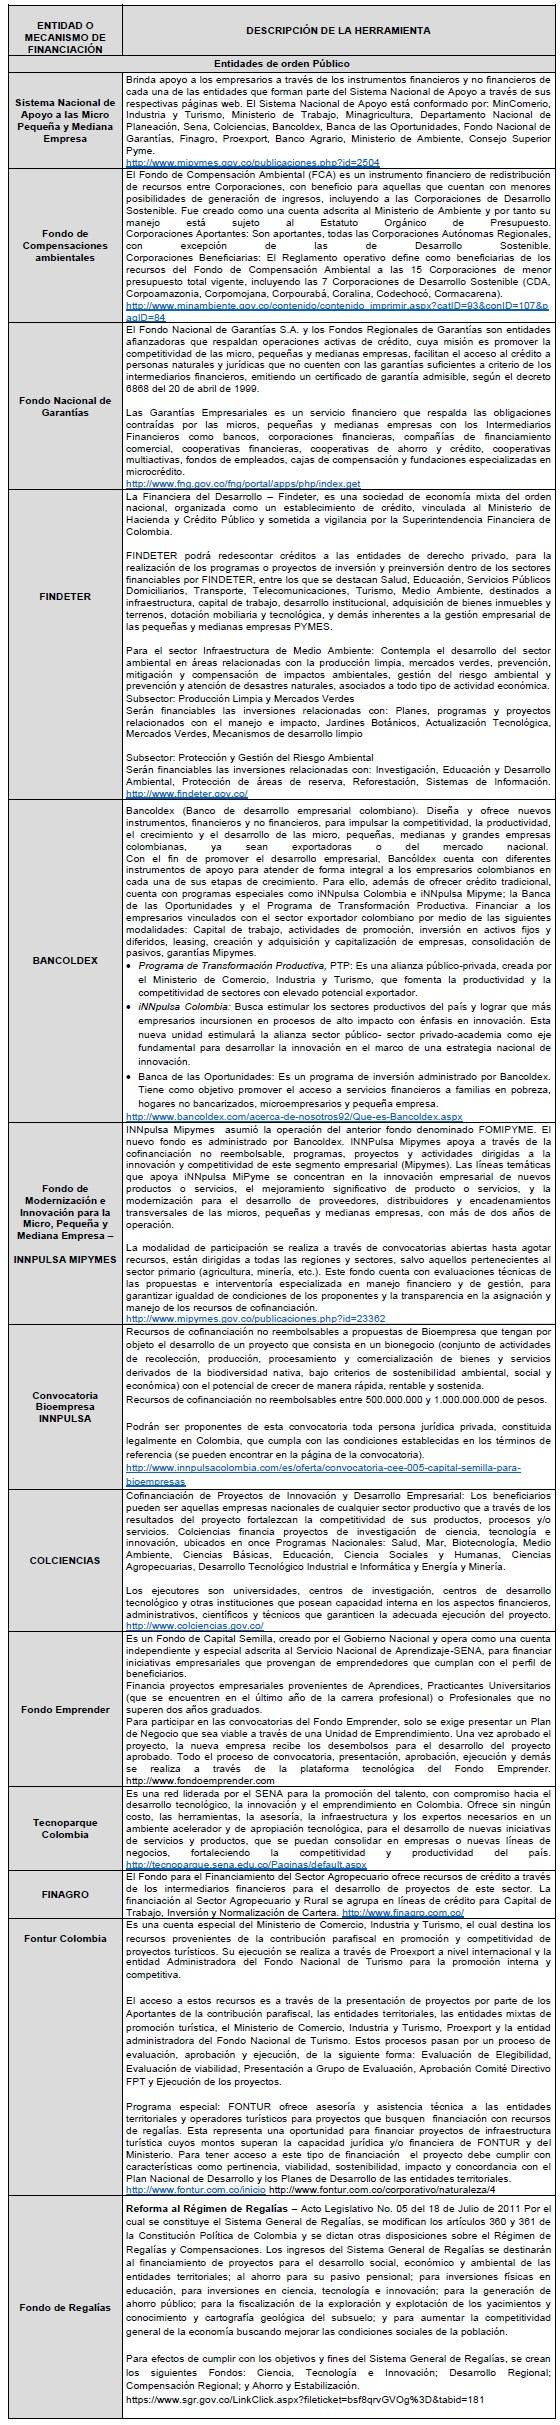 Mecanismos de Financiación del Biocomercio en Colombia